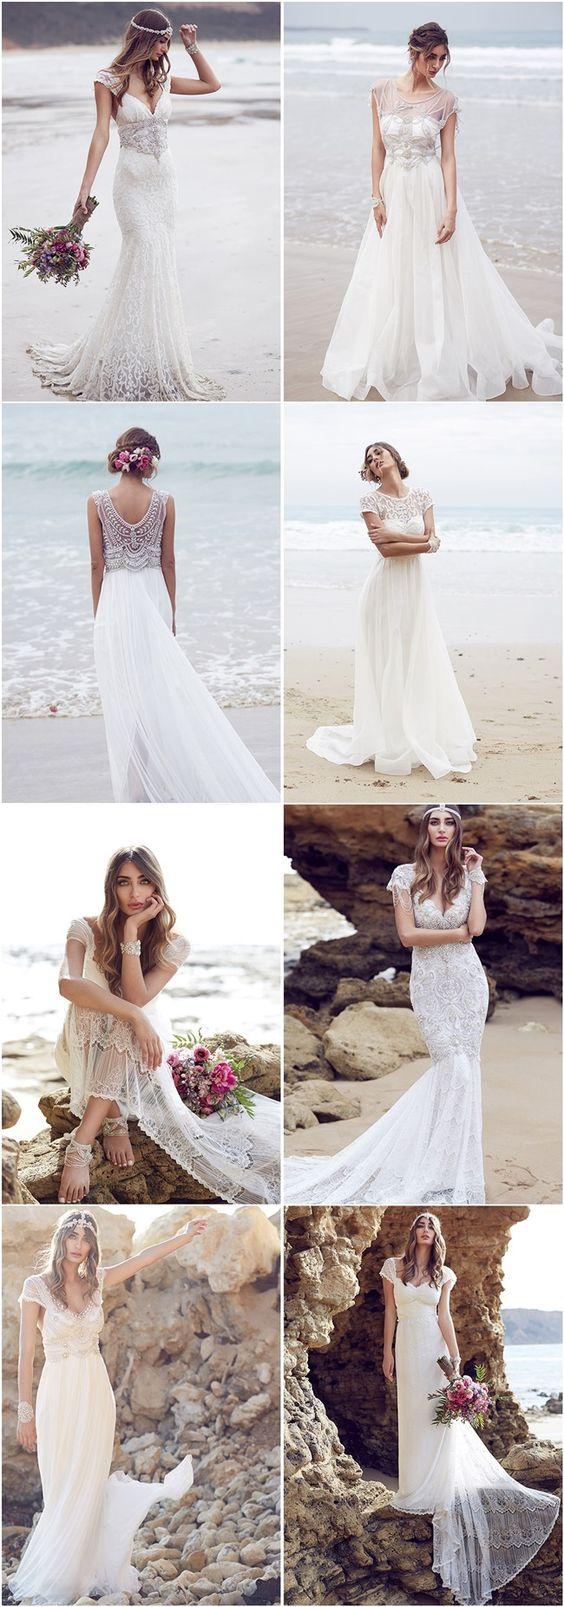 Vestidos de casamento by Anna Campbell 2016